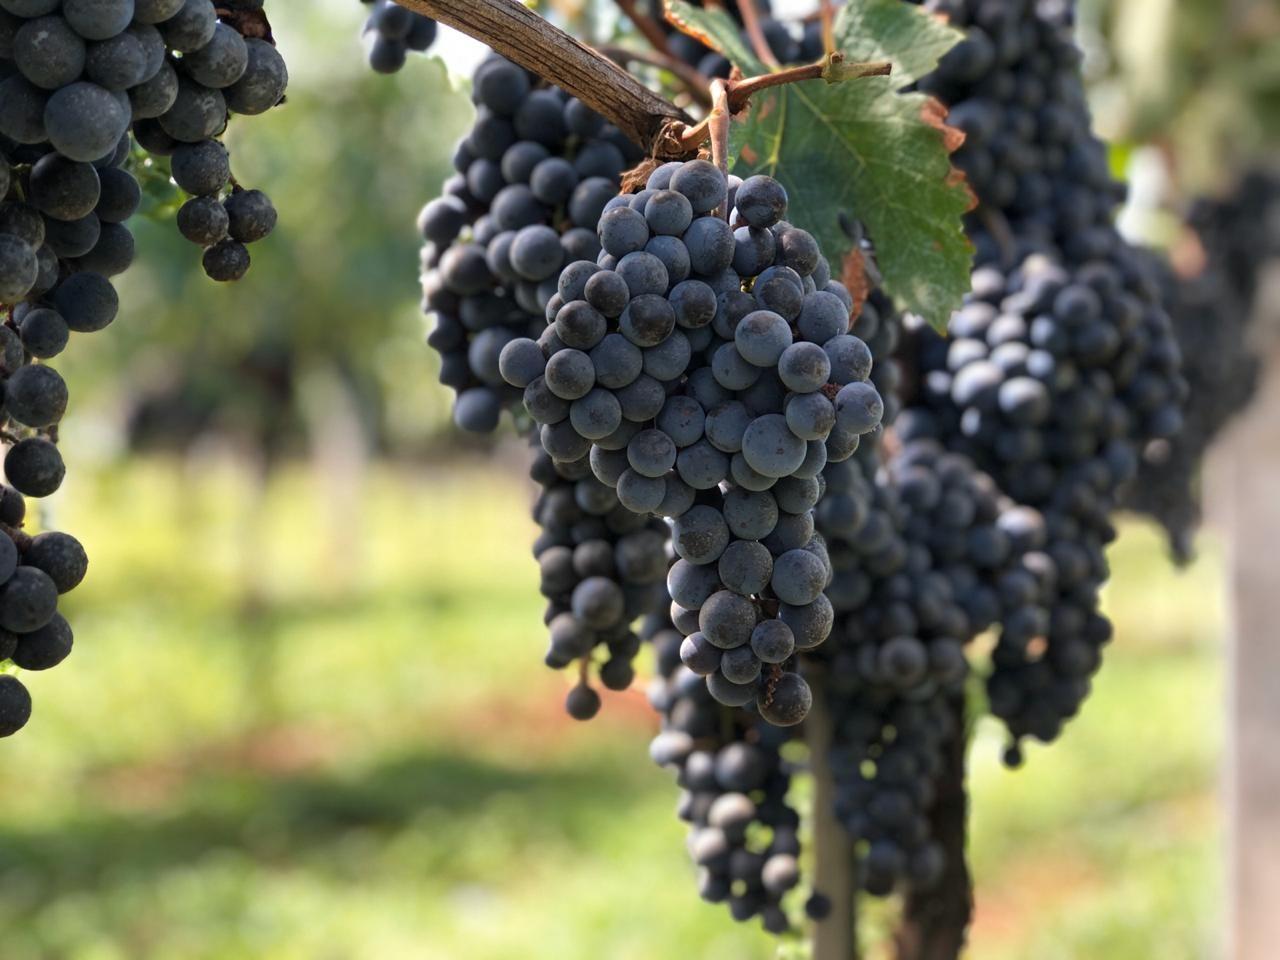 Qualidade das uvas colhidas nas unidades do Rio Grande do Sul impressiona e projeta 2ª edição da série dos Sete Lendários